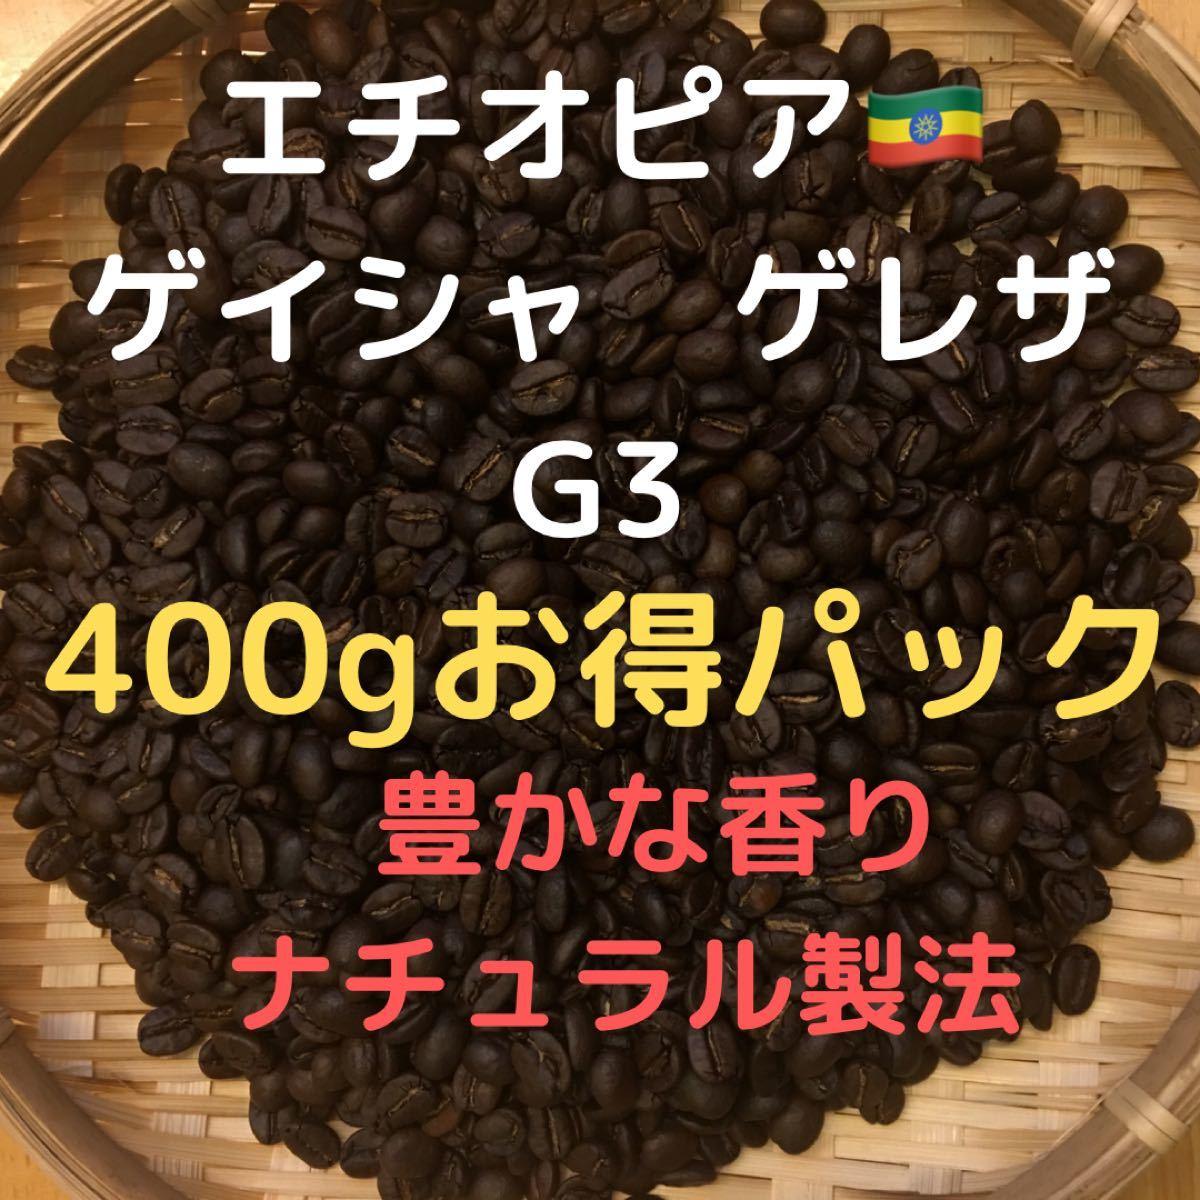 自家焙煎 エチオピア ゲイシャ ゲレザG3 400g(豆又は粉)匿名配送弍